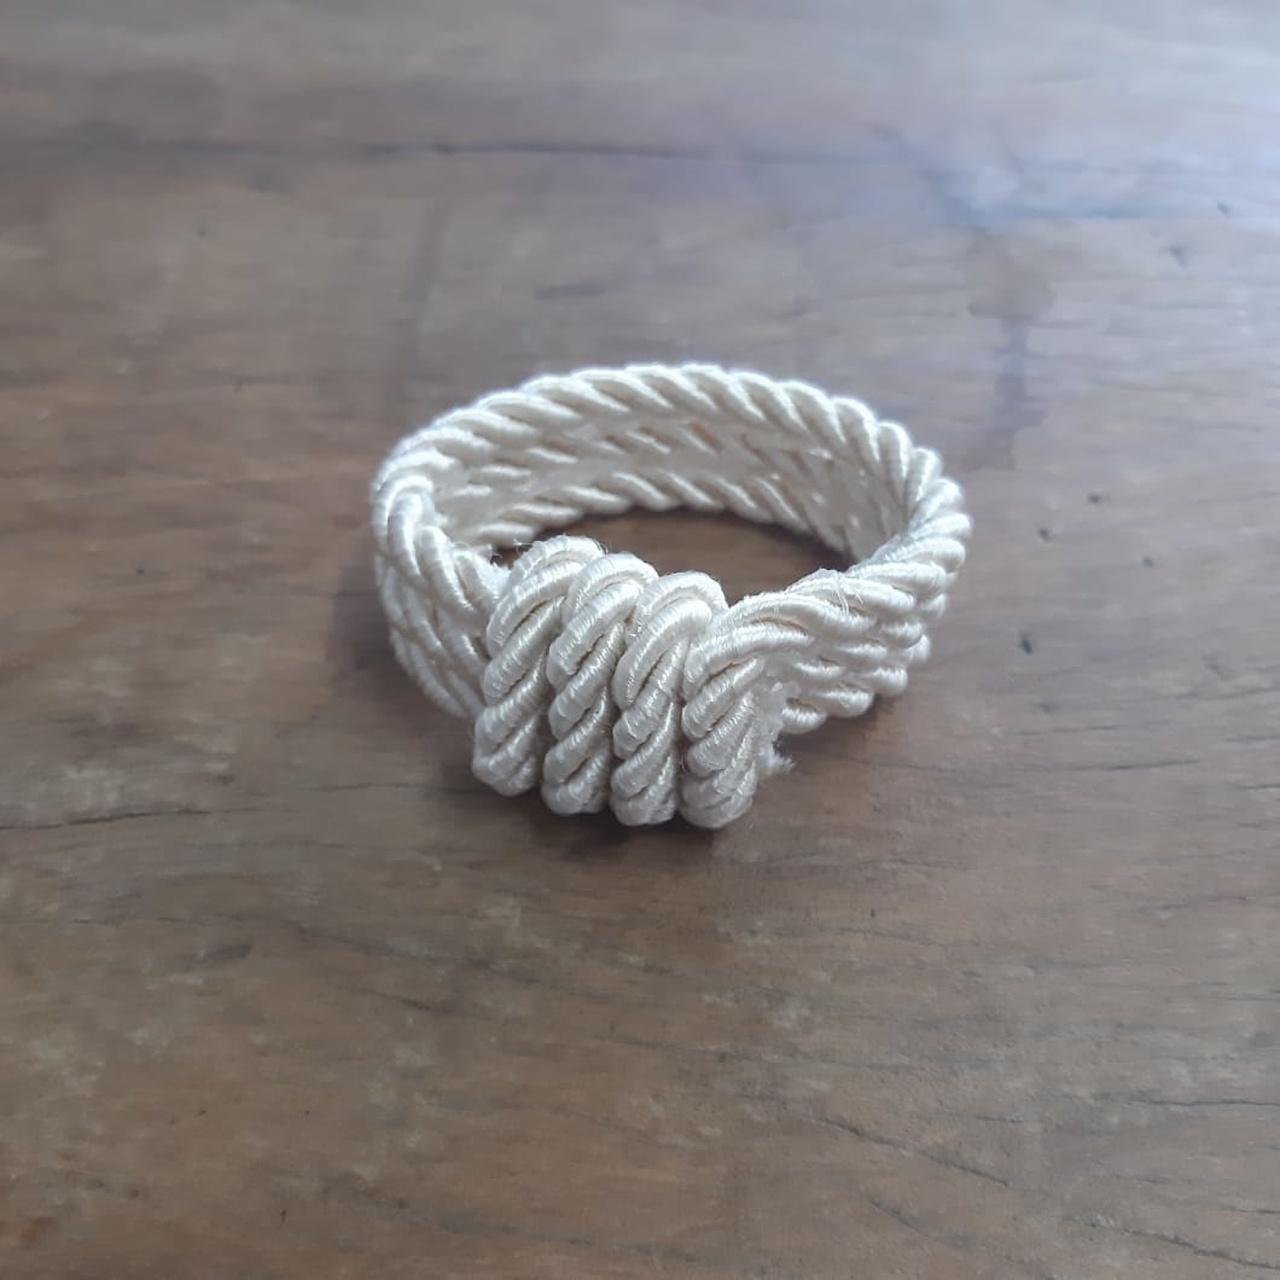 2 Porta Guardanapos - Bracelete de Cordão Creme